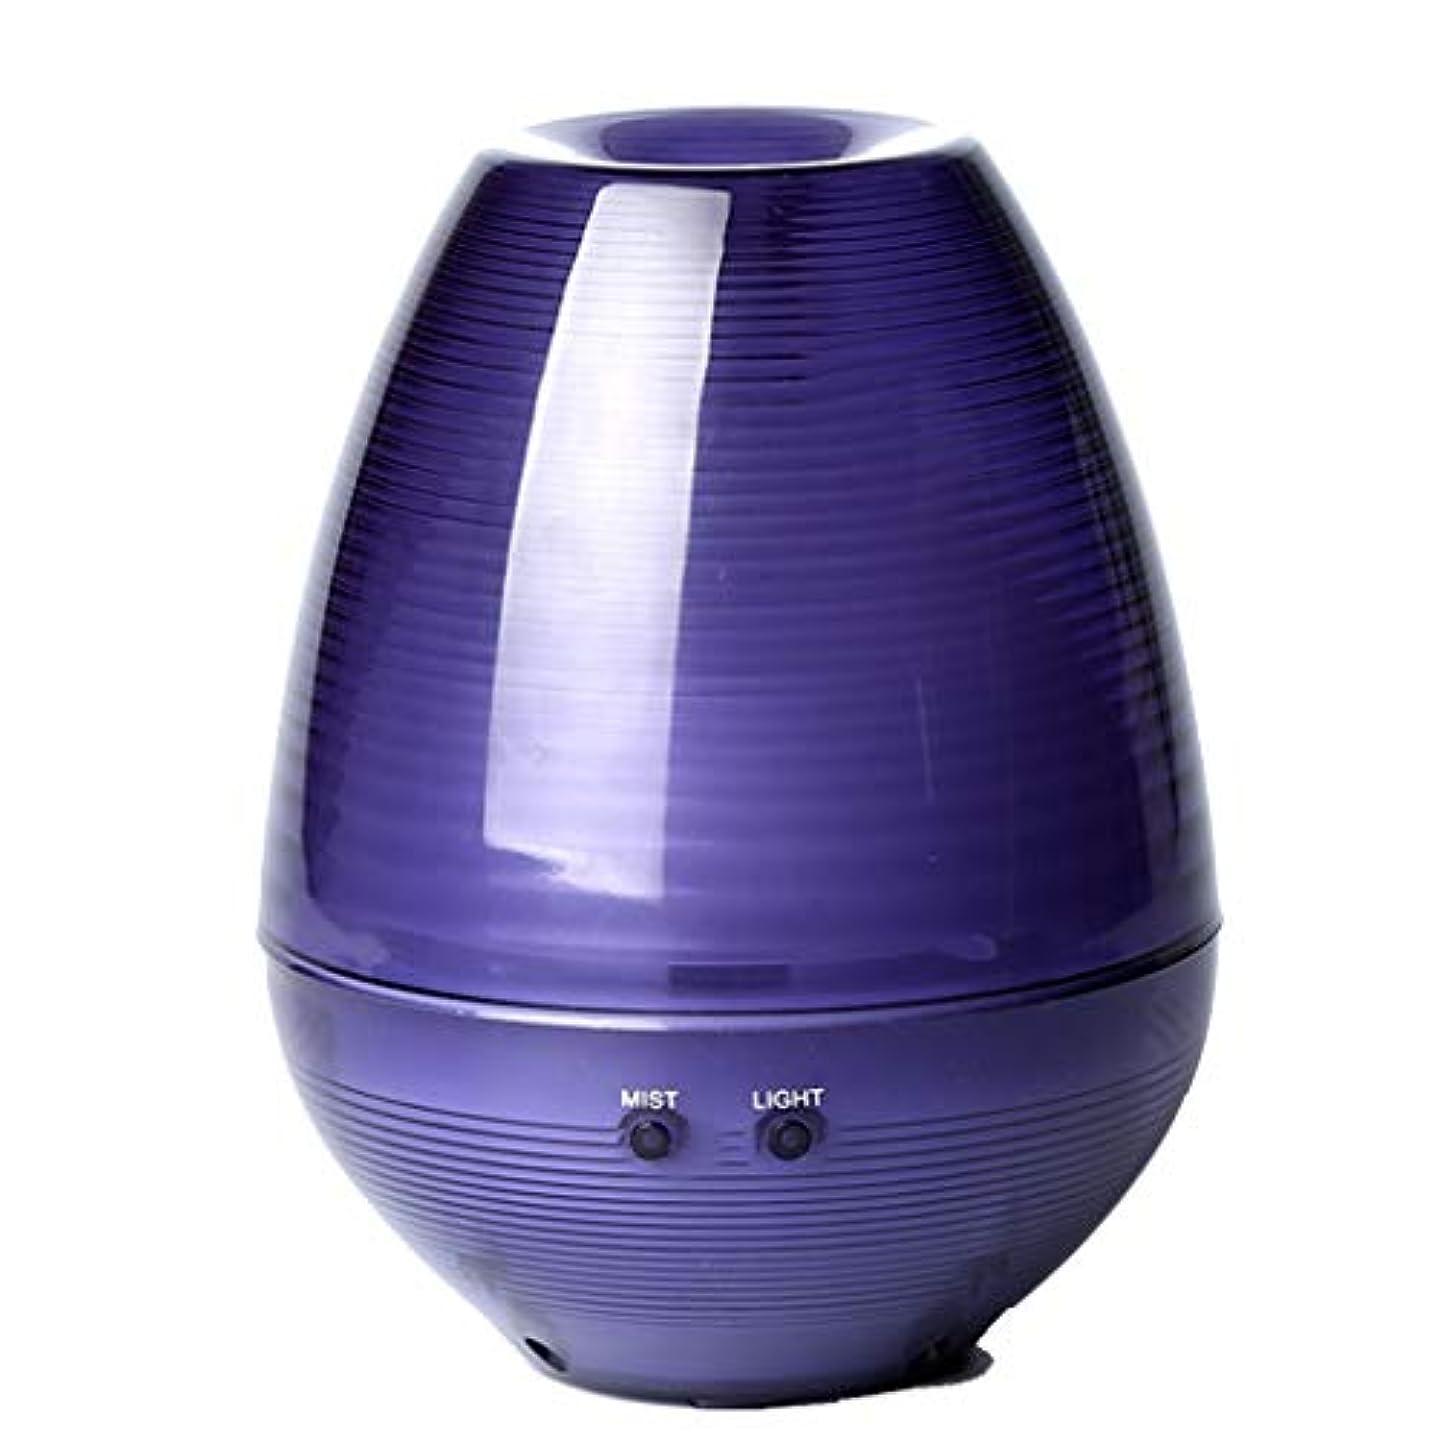 移植髄肉のアロマセラピーエッセンシャルオイルディフューザー、アロマディフューザークールミスト加湿器ウォーターレスオートシャットオフホームオフィス用ヨガ (Color : Purple)